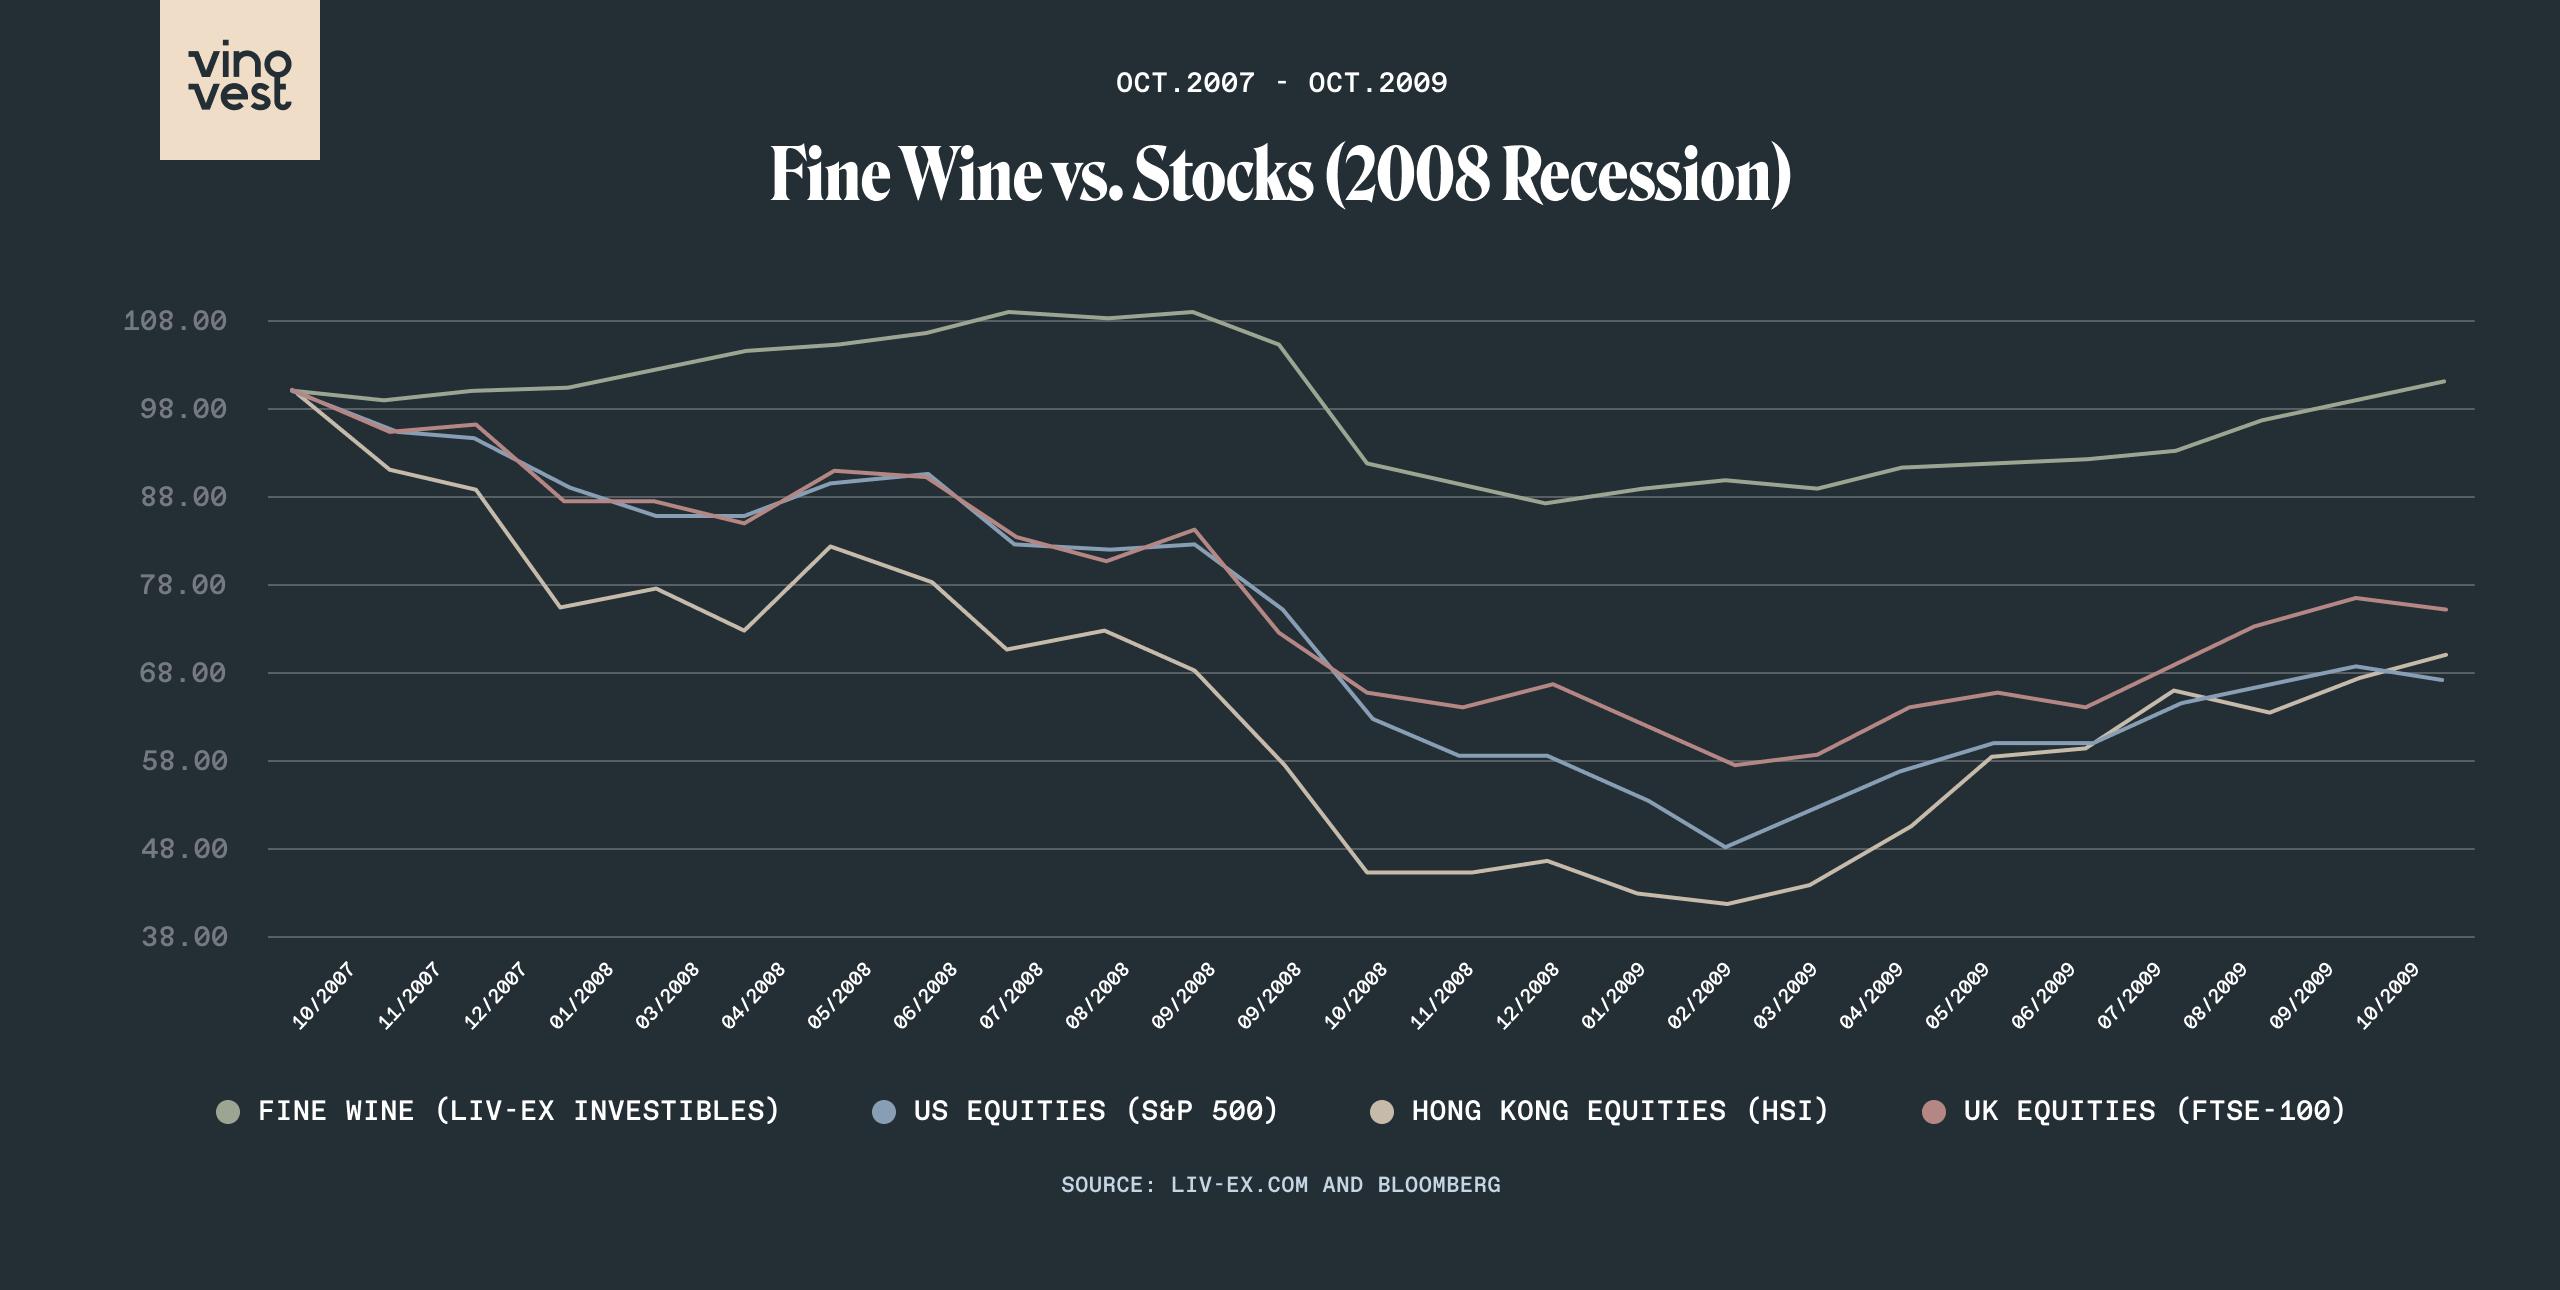 Fine Wine vs Stocks Great Recession